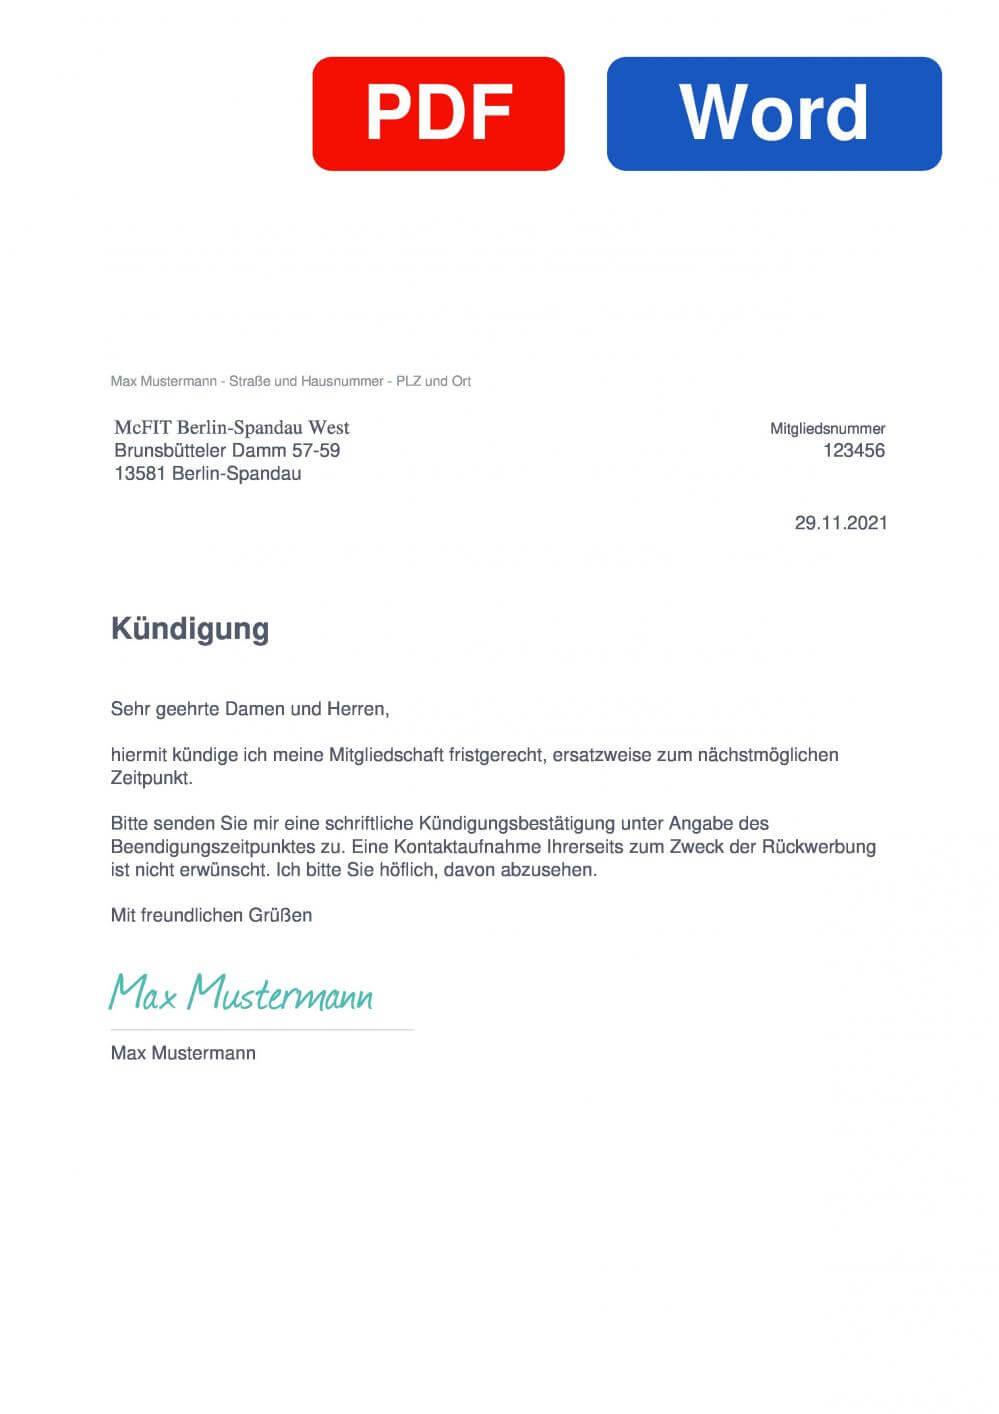 McFIT Berlin-Spandau West Muster Vorlage für Kündigungsschreiben